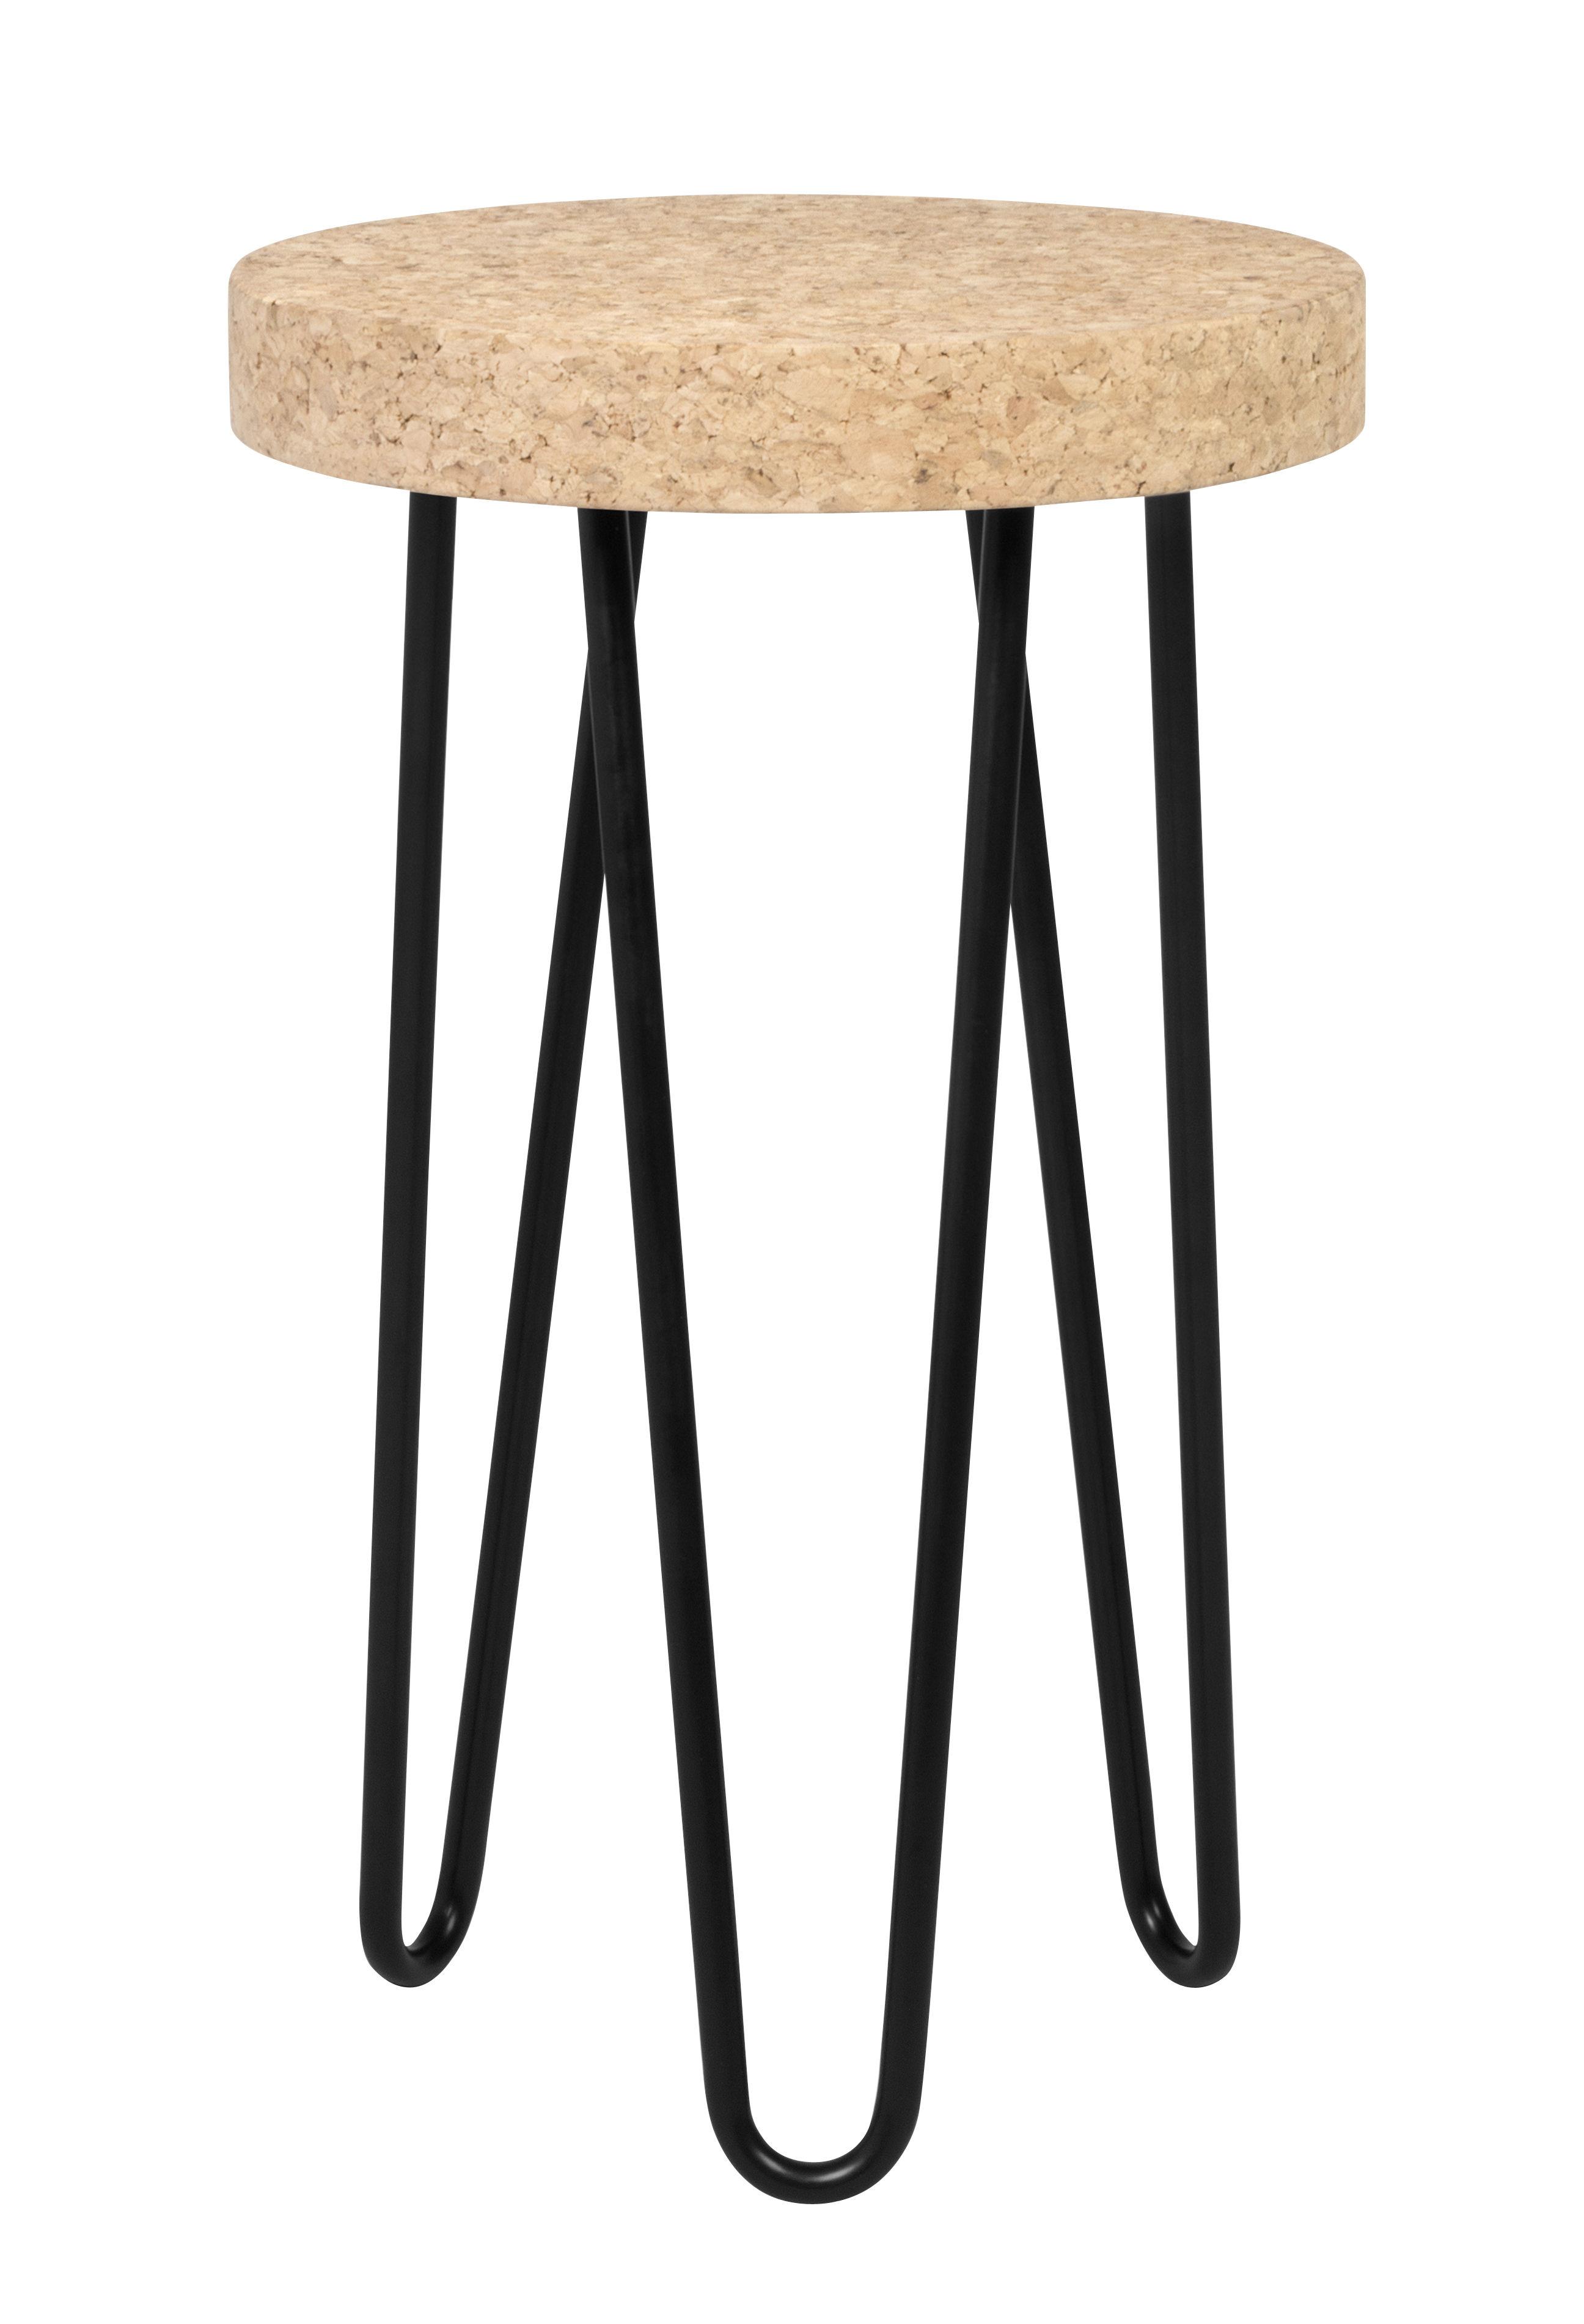 Mobilier - Tables basses - Table d'appoint Bruxelles / Liège - Ø 29 x H 47 cm - POP UP HOME - Liège / Noir - Liège, Métal